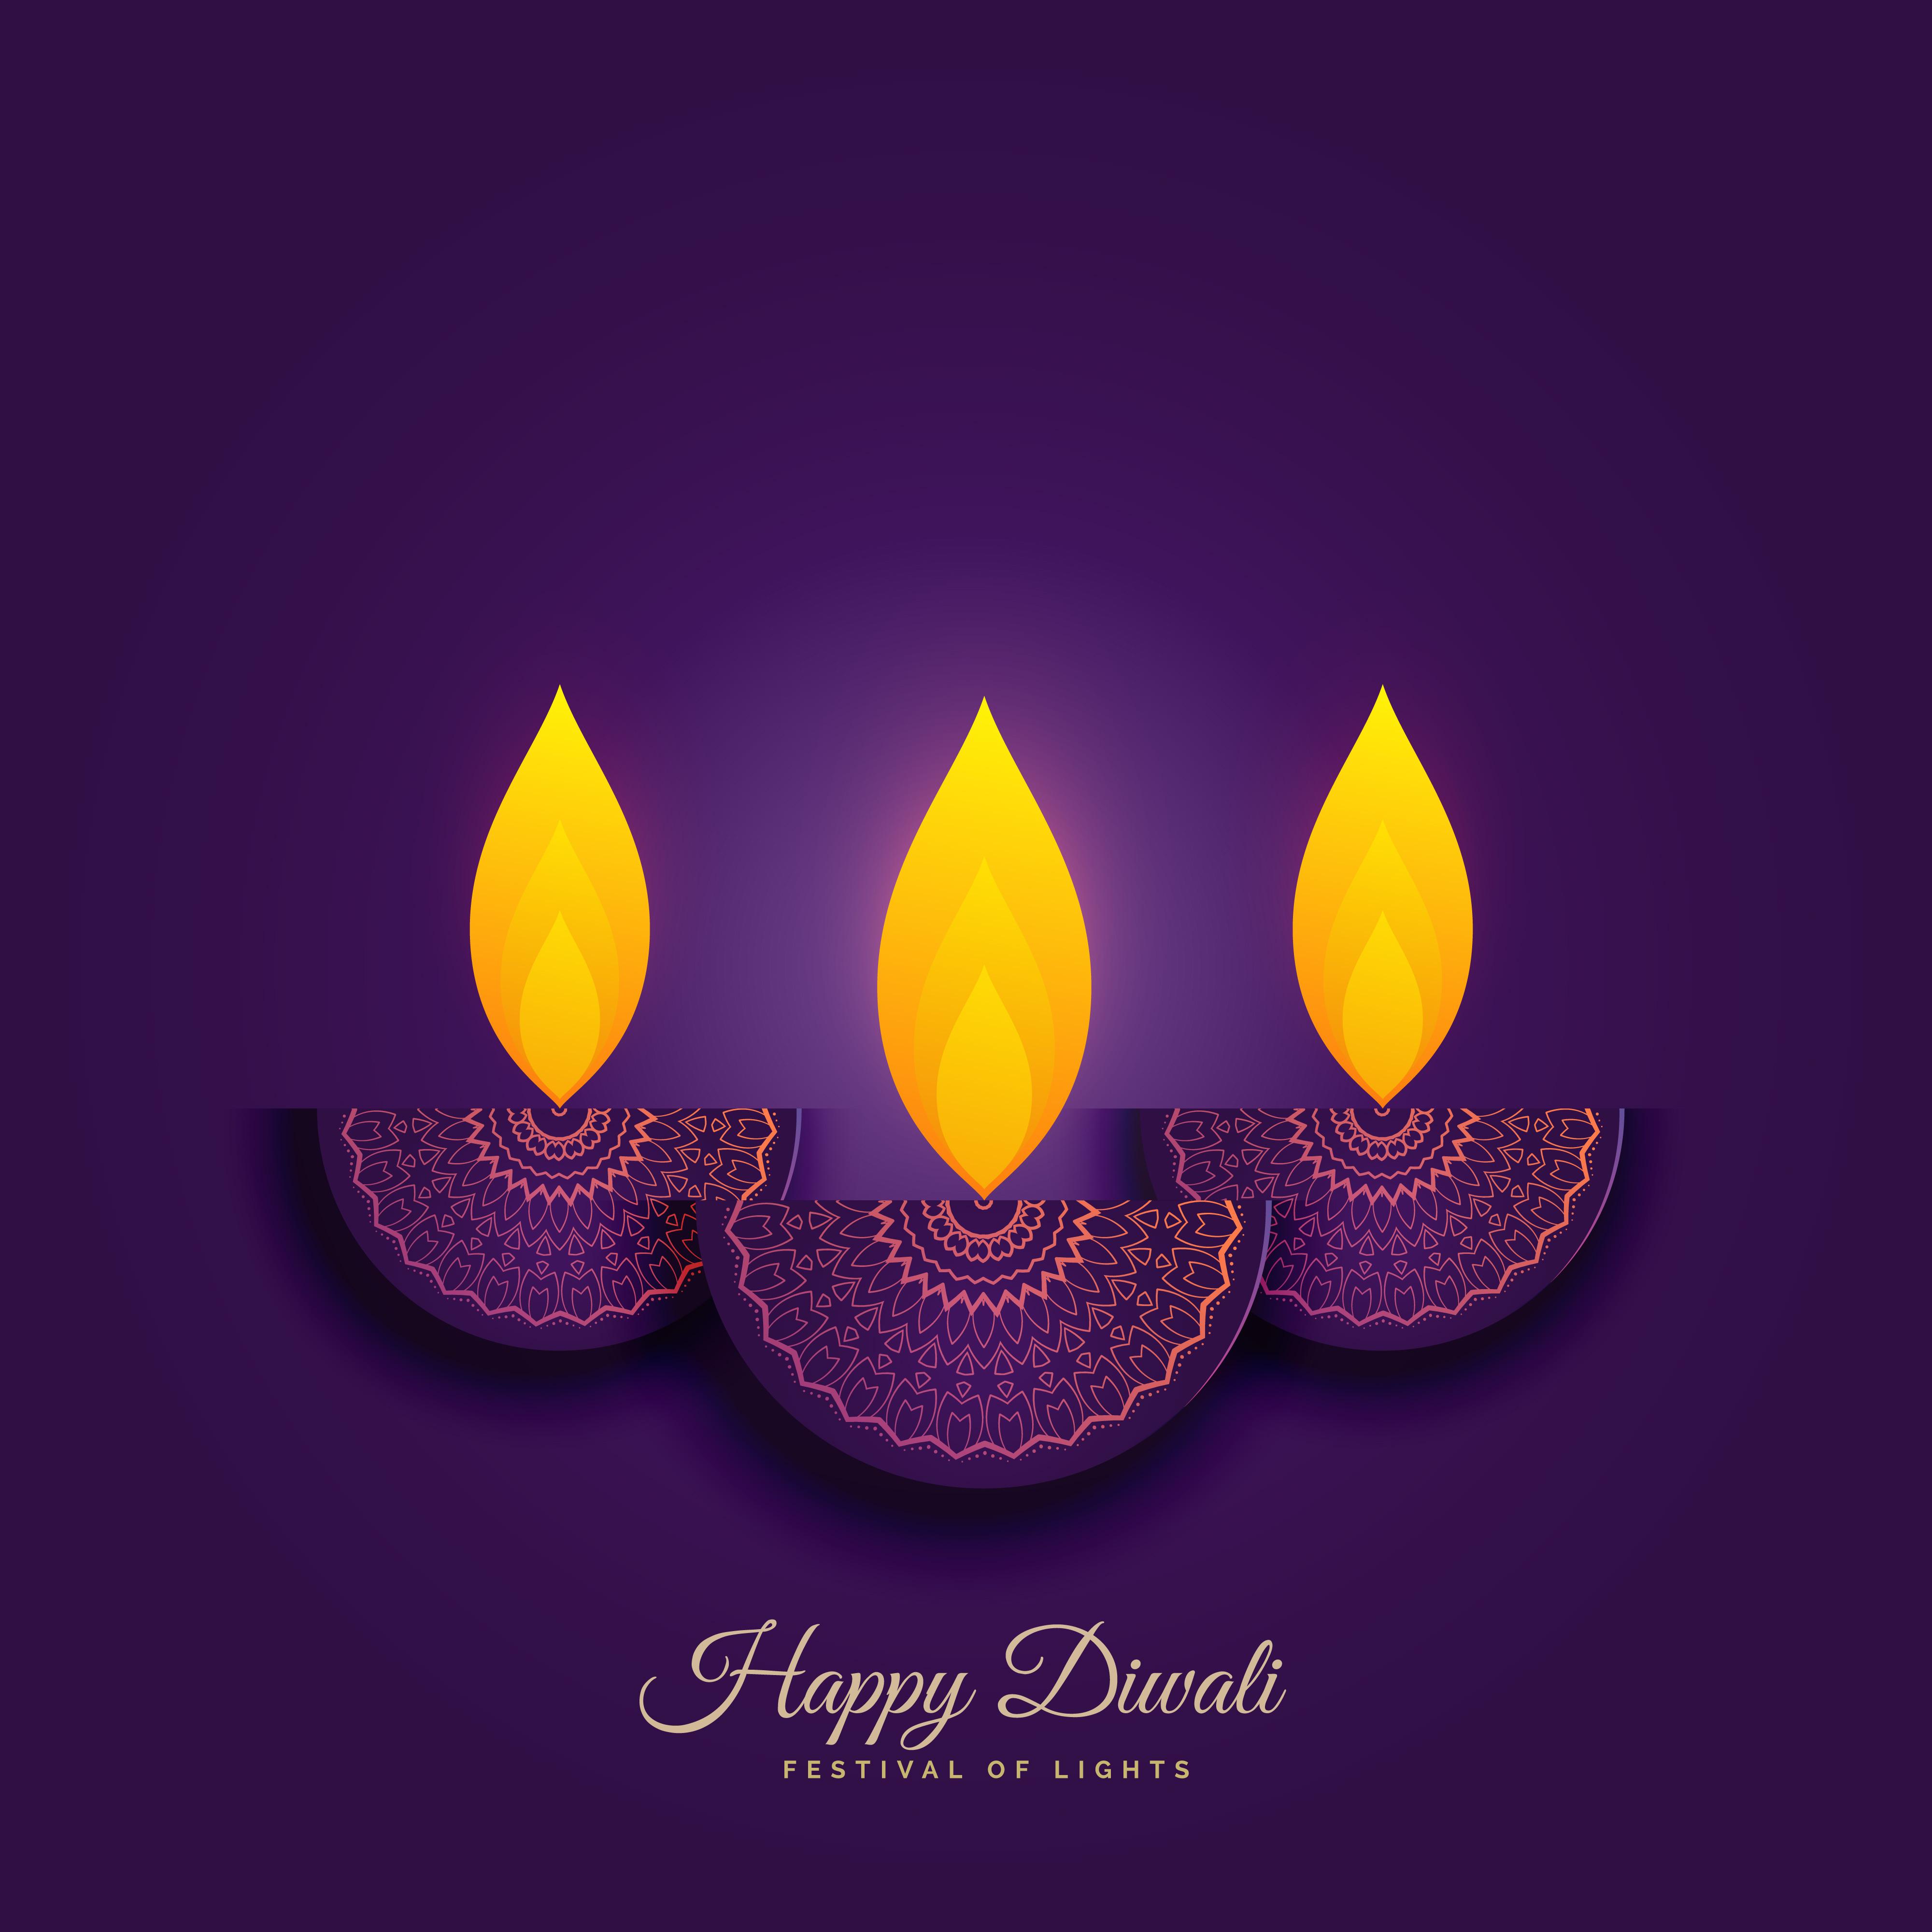 happy diwali holiday background with burning diya ... Indian Religious Background